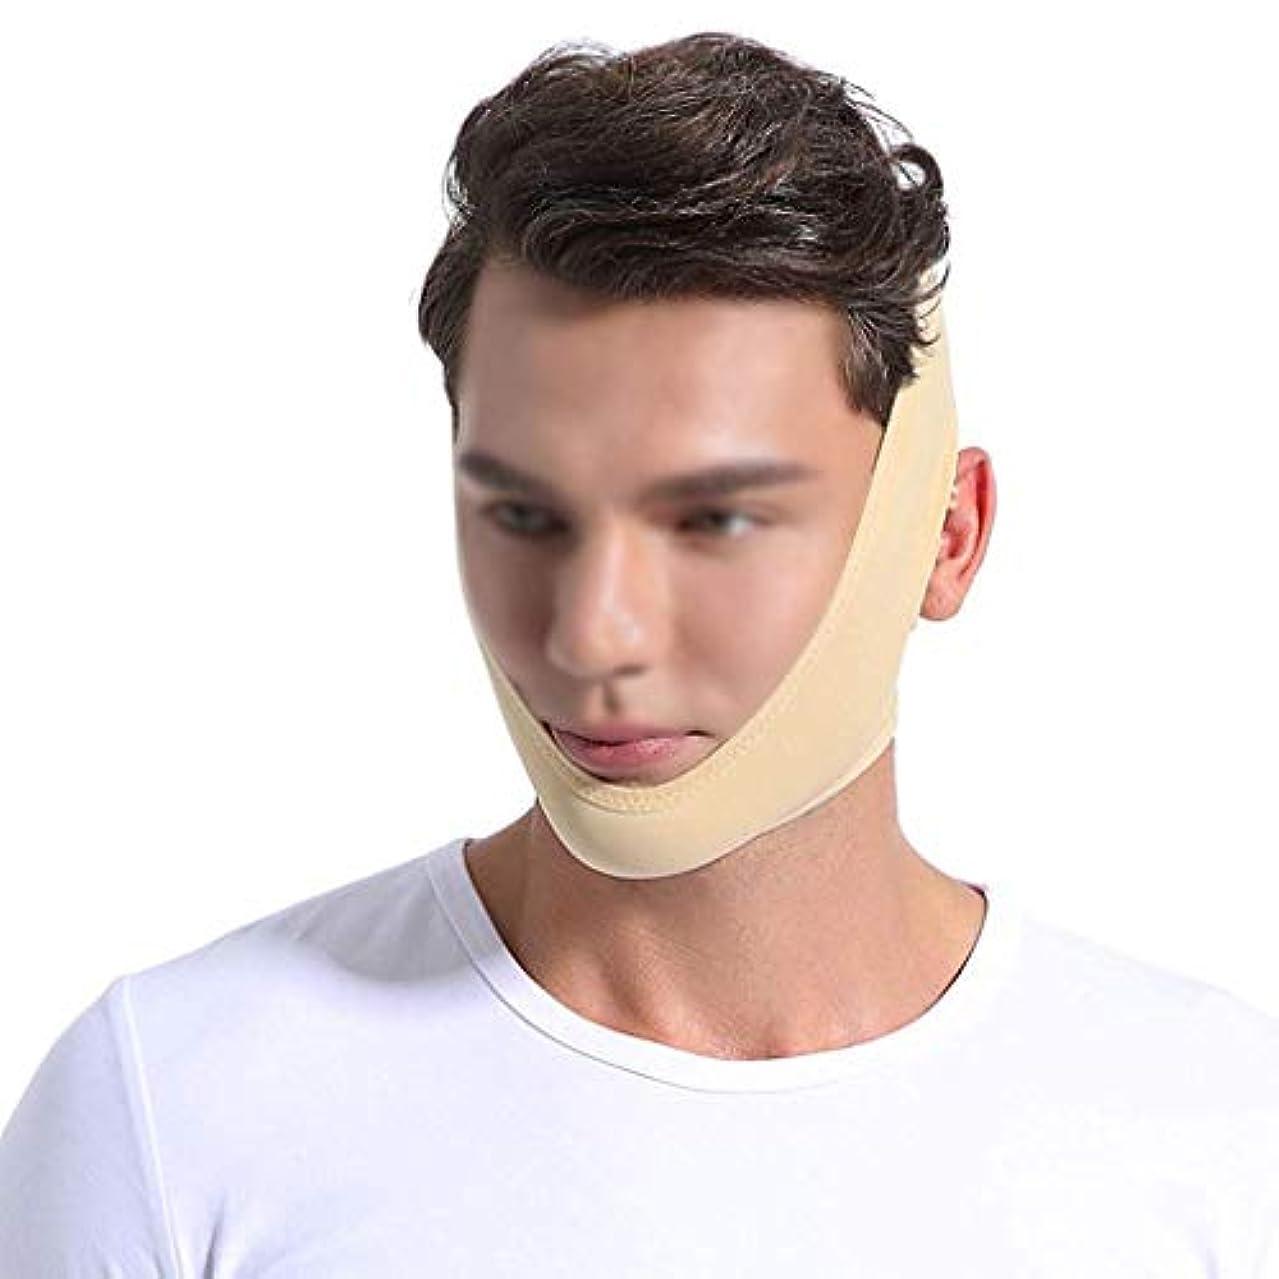 ホールドマキシム計器医療用ワイヤーカービング後、リフティングマスクを再開し、男性と女性の顔の弾性包帯のヘッドギアは小さなVフェイスの薄いフェイスマスクを結びました